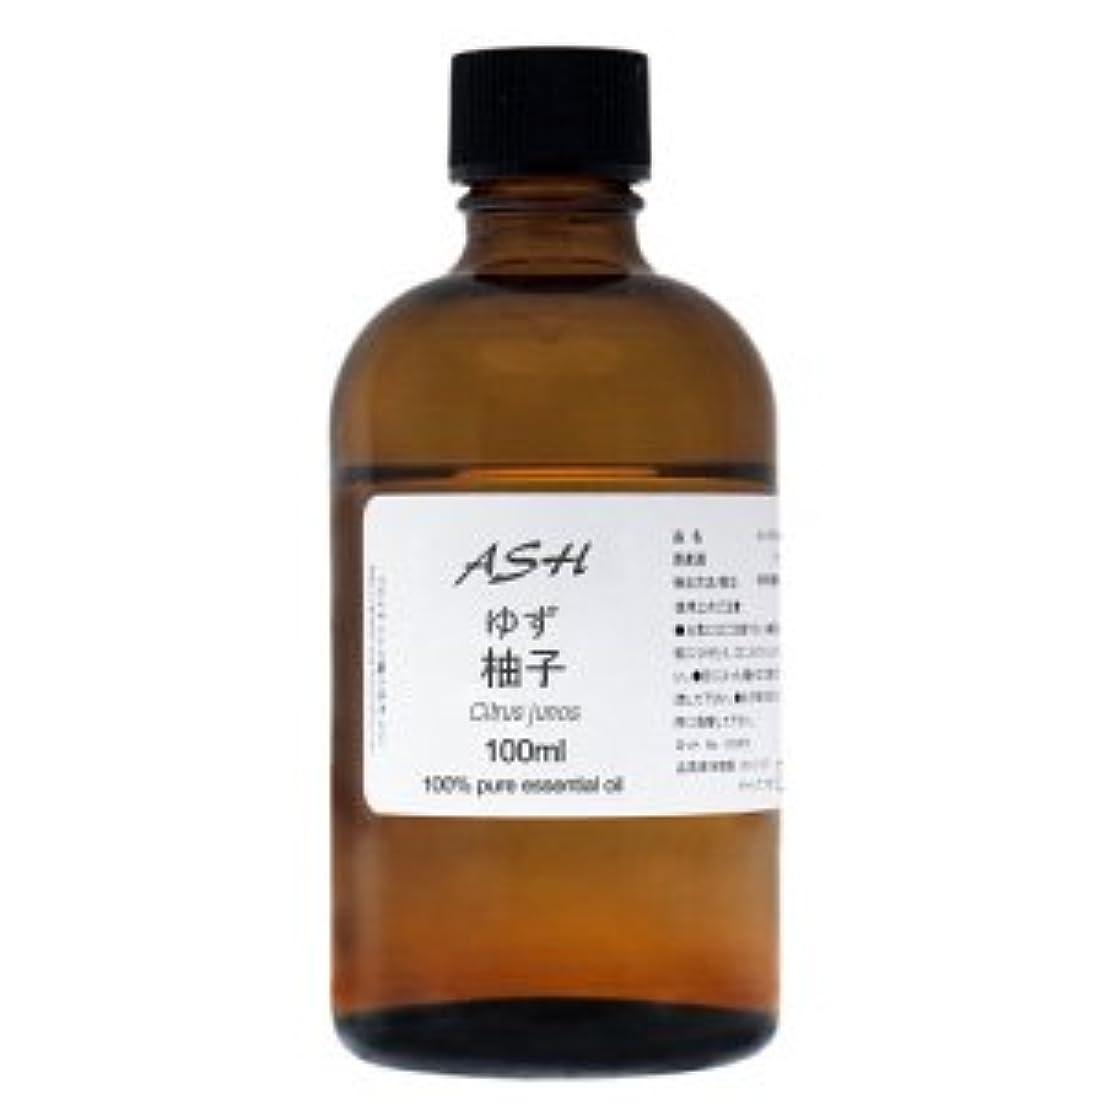 分析ピグマリオンつまずくASH 柚子 (ゆず) エッセンシャルオイル 100ml【和精油】【Yuzu Essential Oil-Japan】 AEAJ表示基準適合認定精油